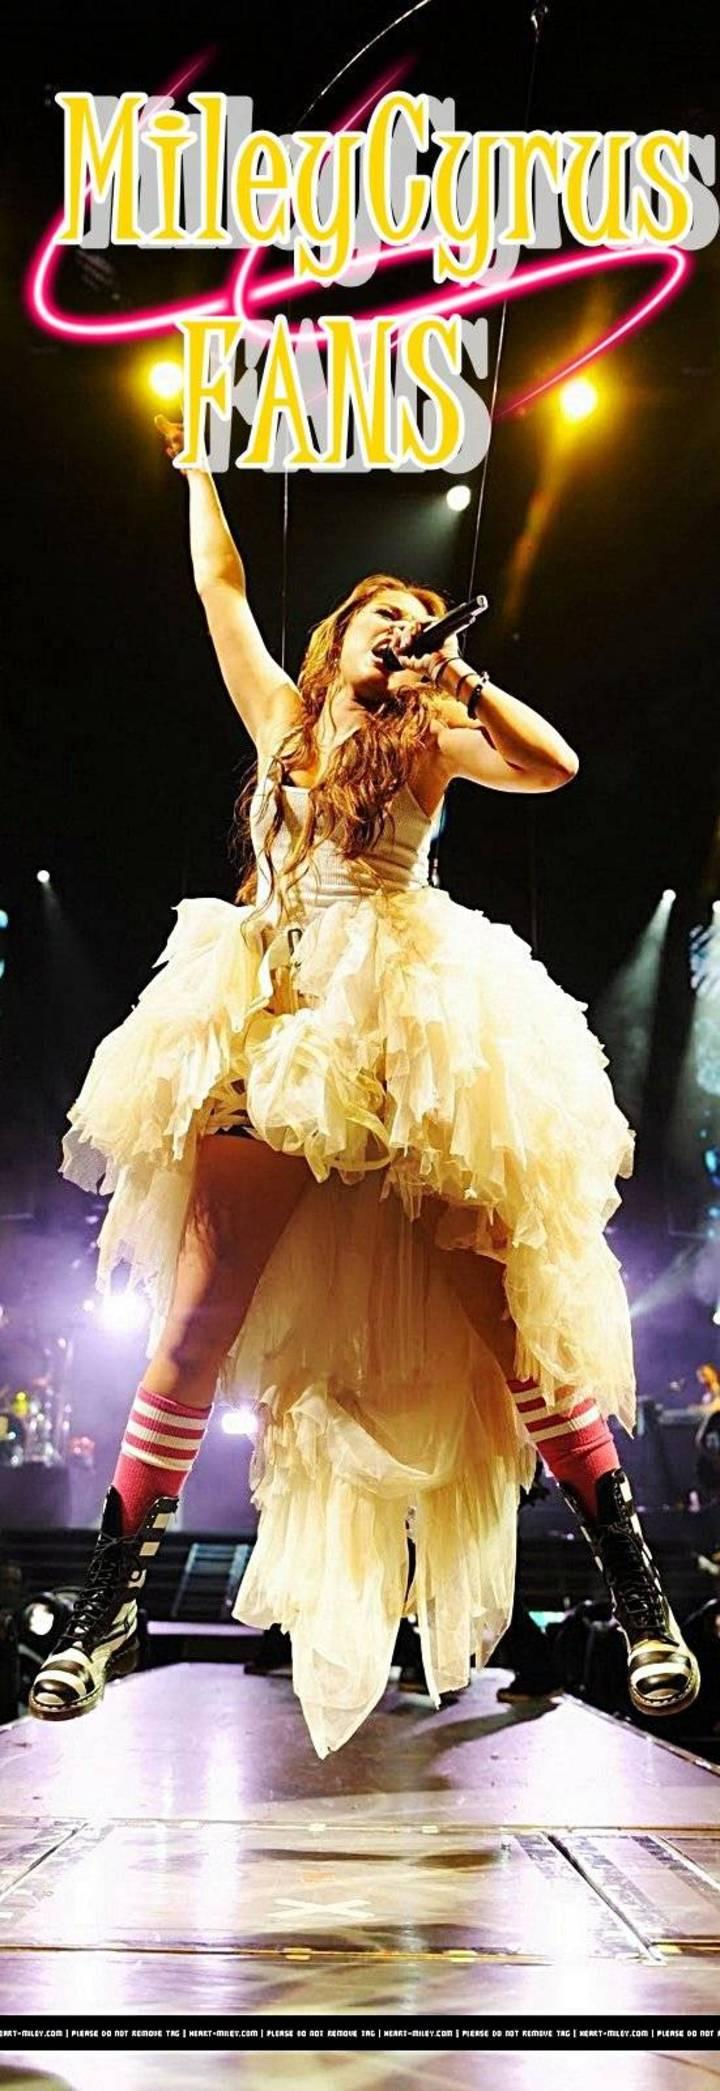 Miley Cyrus Fans Tour Dates